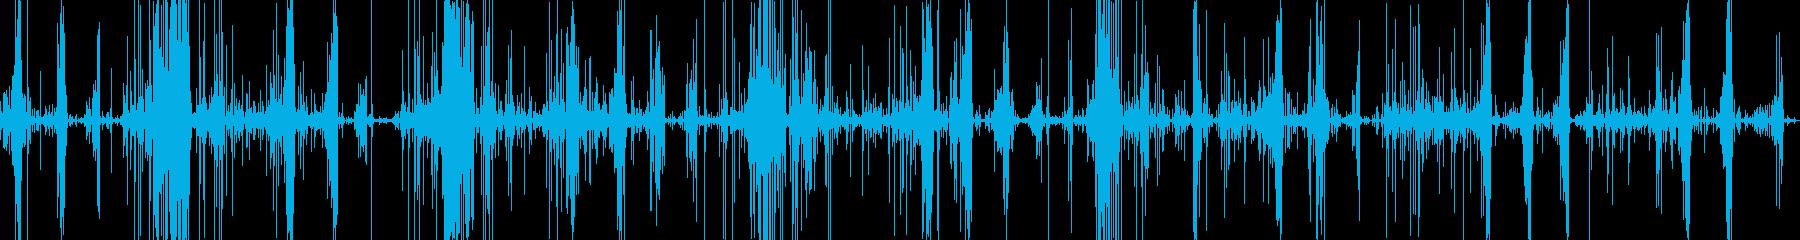 スライムをハサミで切る音です。の再生済みの波形